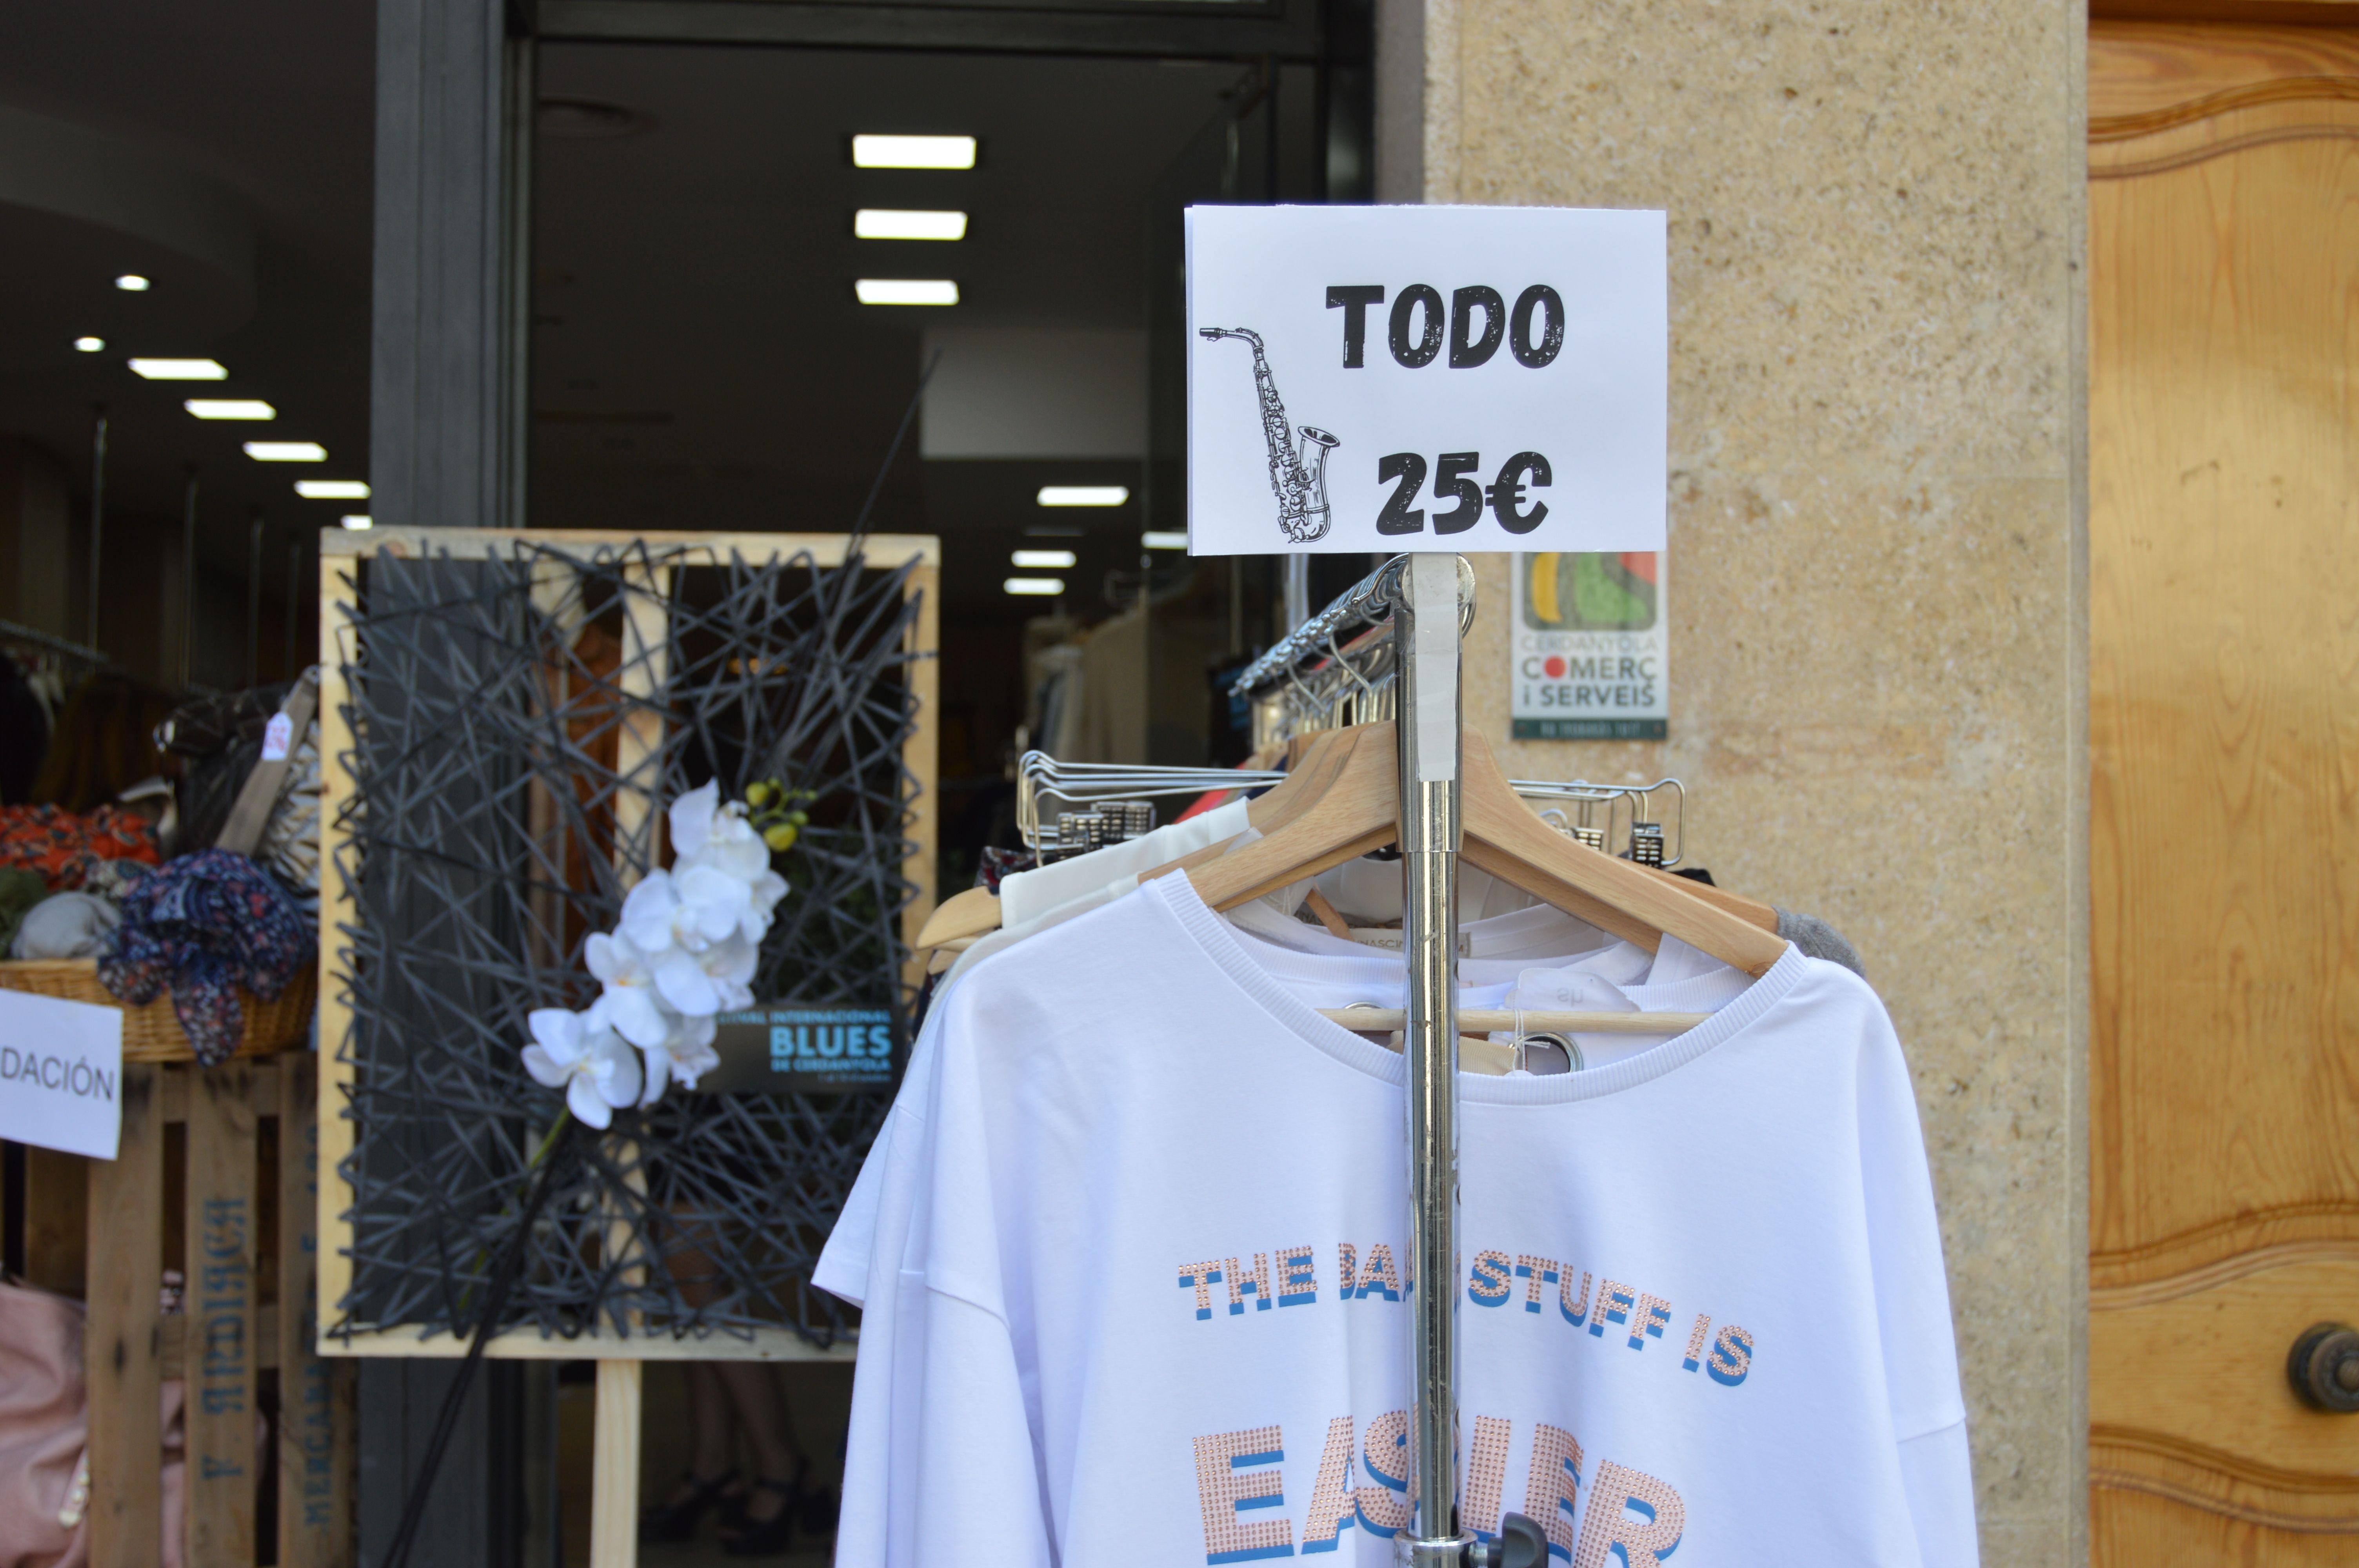 Alguns comerços locals ofereixen promocions en el marc del Festival Internacional de Blues. FOTO: Nora Muñoz